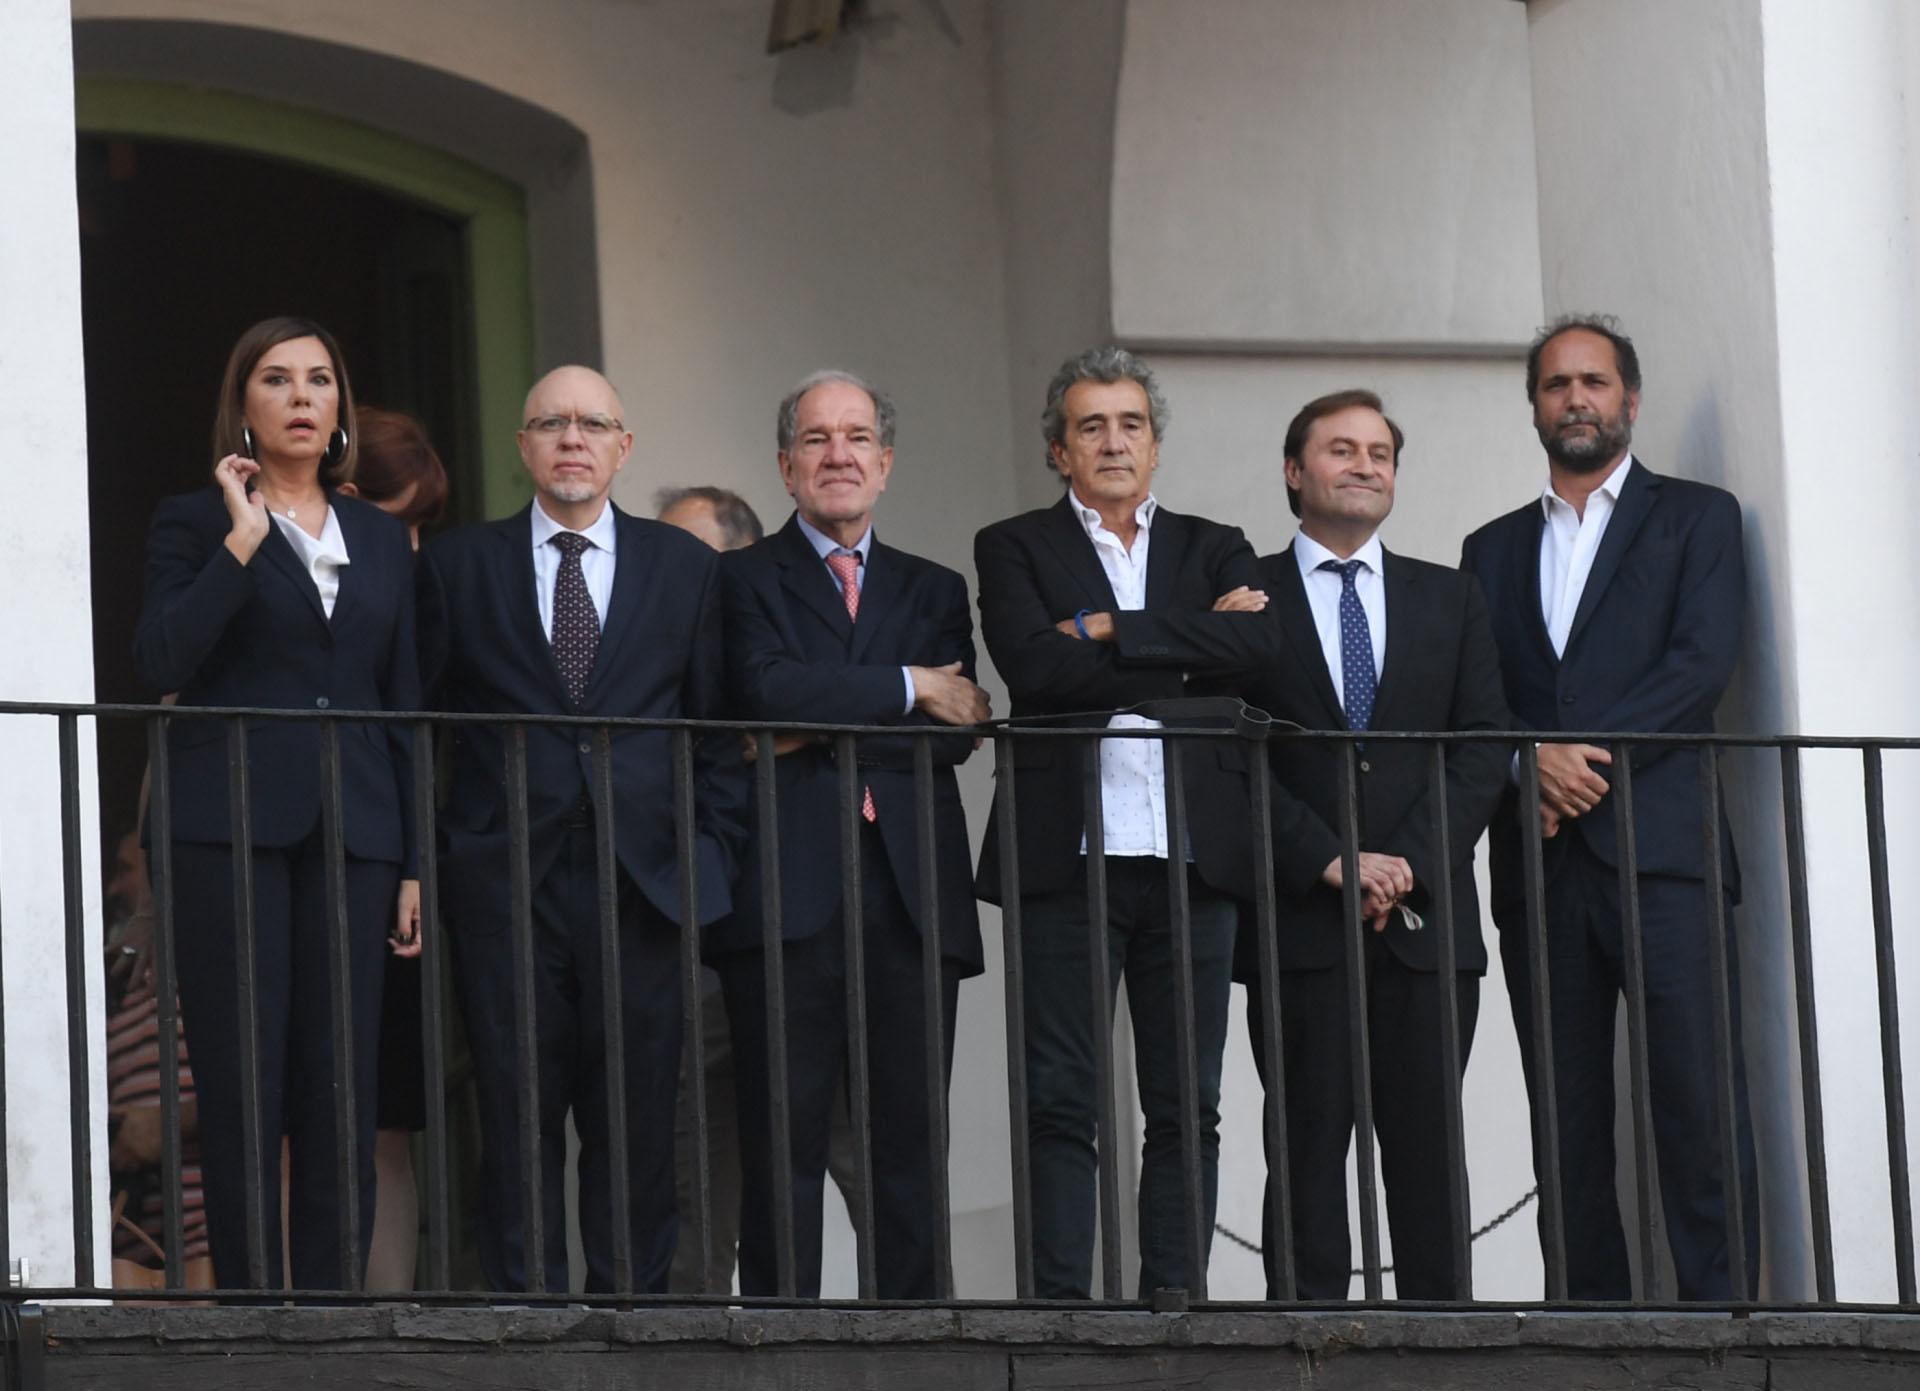 Liliana Parodi, Jorge Fernández Díaz, Héctor D'Amico, Ricardo Roa, Néstor Sclauzero y Chani Guyot, en uno de los balcones del Cabildo